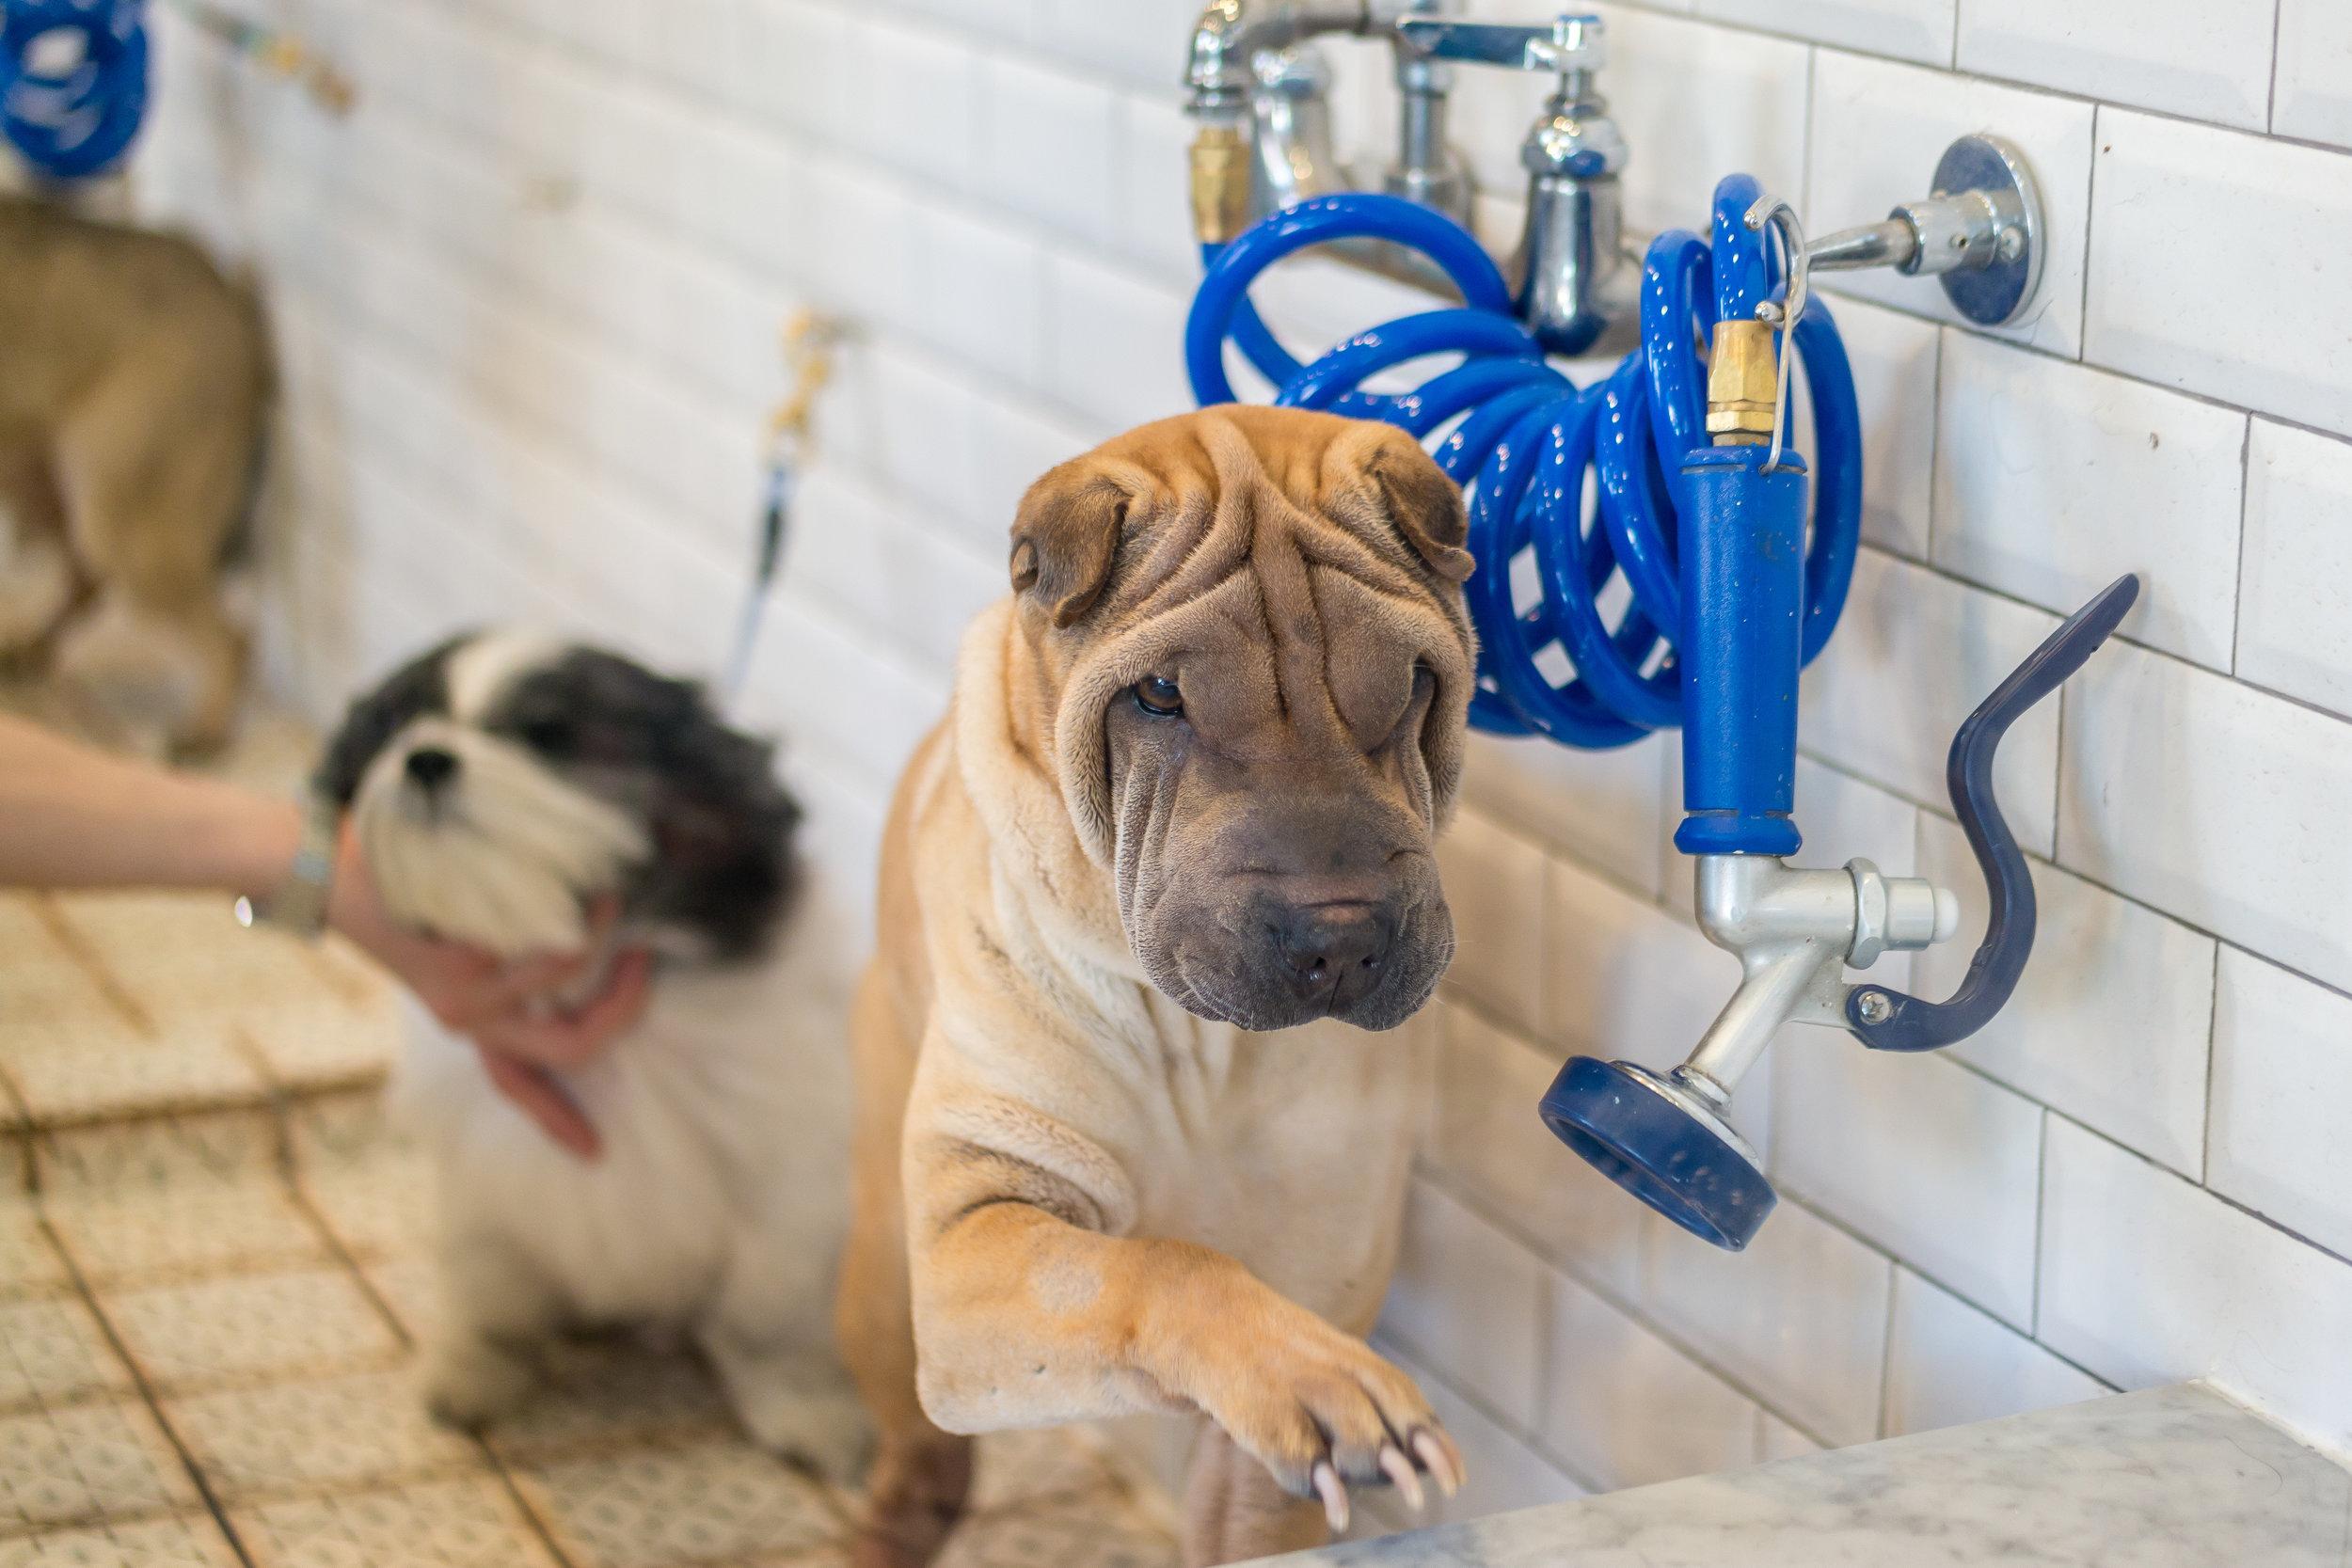 Dog+Wash'n+Go+Bed+Stuy-69.jpg